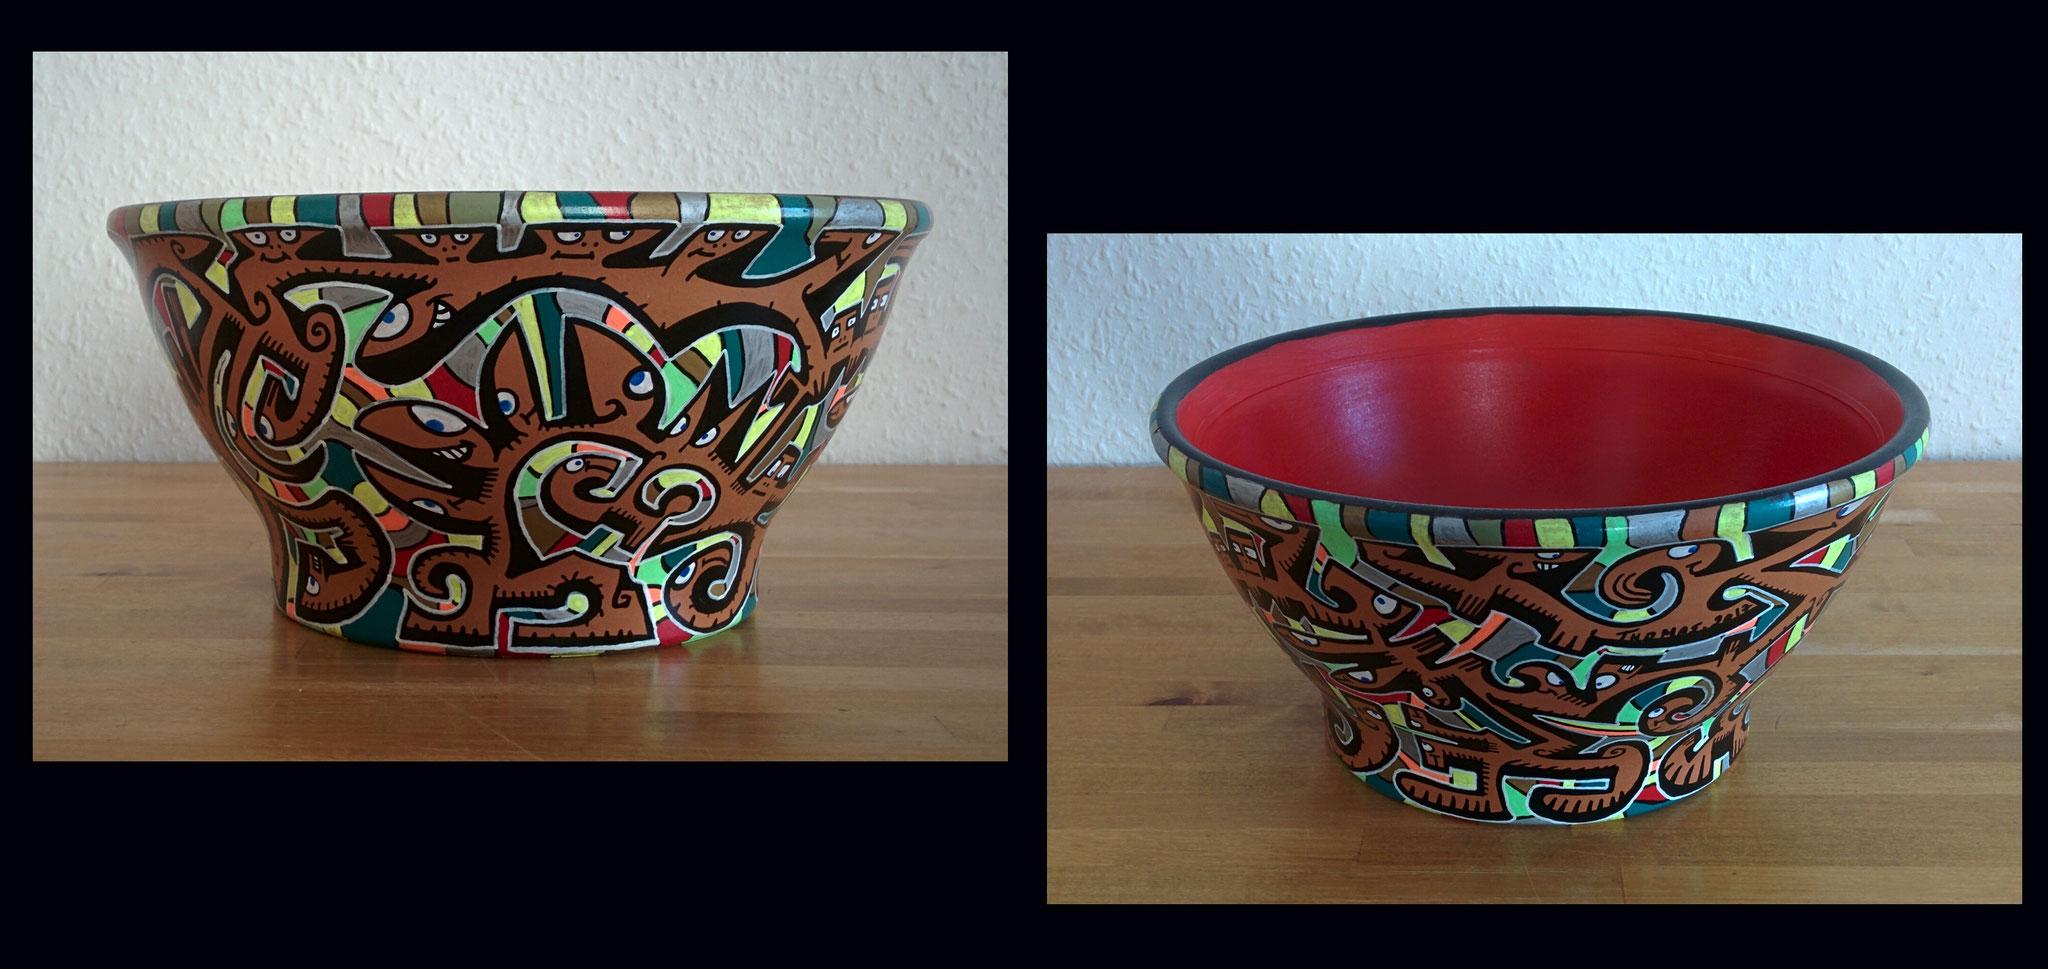 pot en terre cuite n°1/ diamètre 23cm/ hauteur : 11cm/ peinture et markers acrylique/ finition vernis brillant/ prix : 50 euros